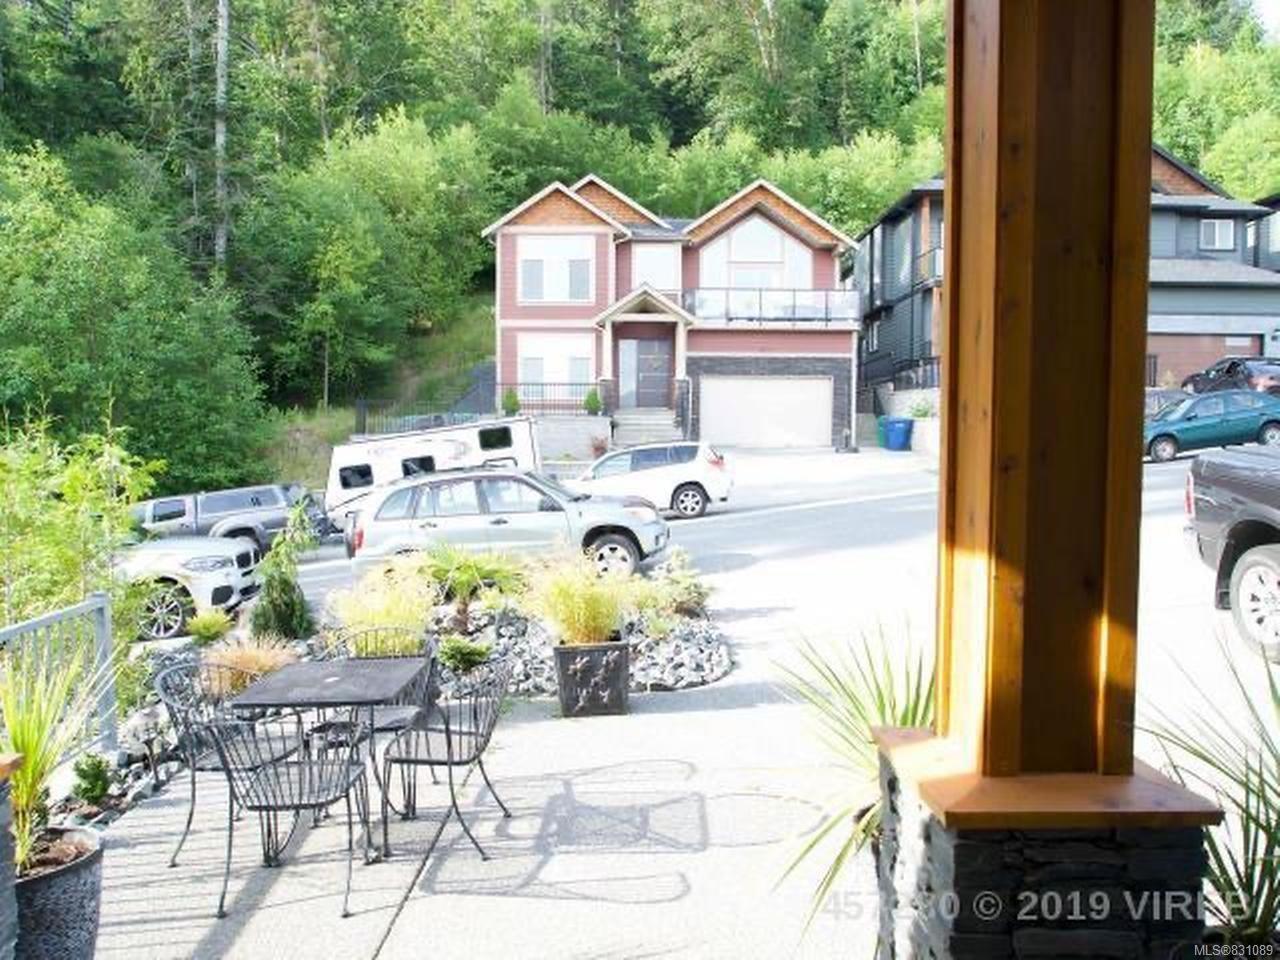 Photo 23: Photos: 4534 Laguna Way in NANAIMO: Na North Nanaimo House for sale (Nanaimo)  : MLS®# 831089